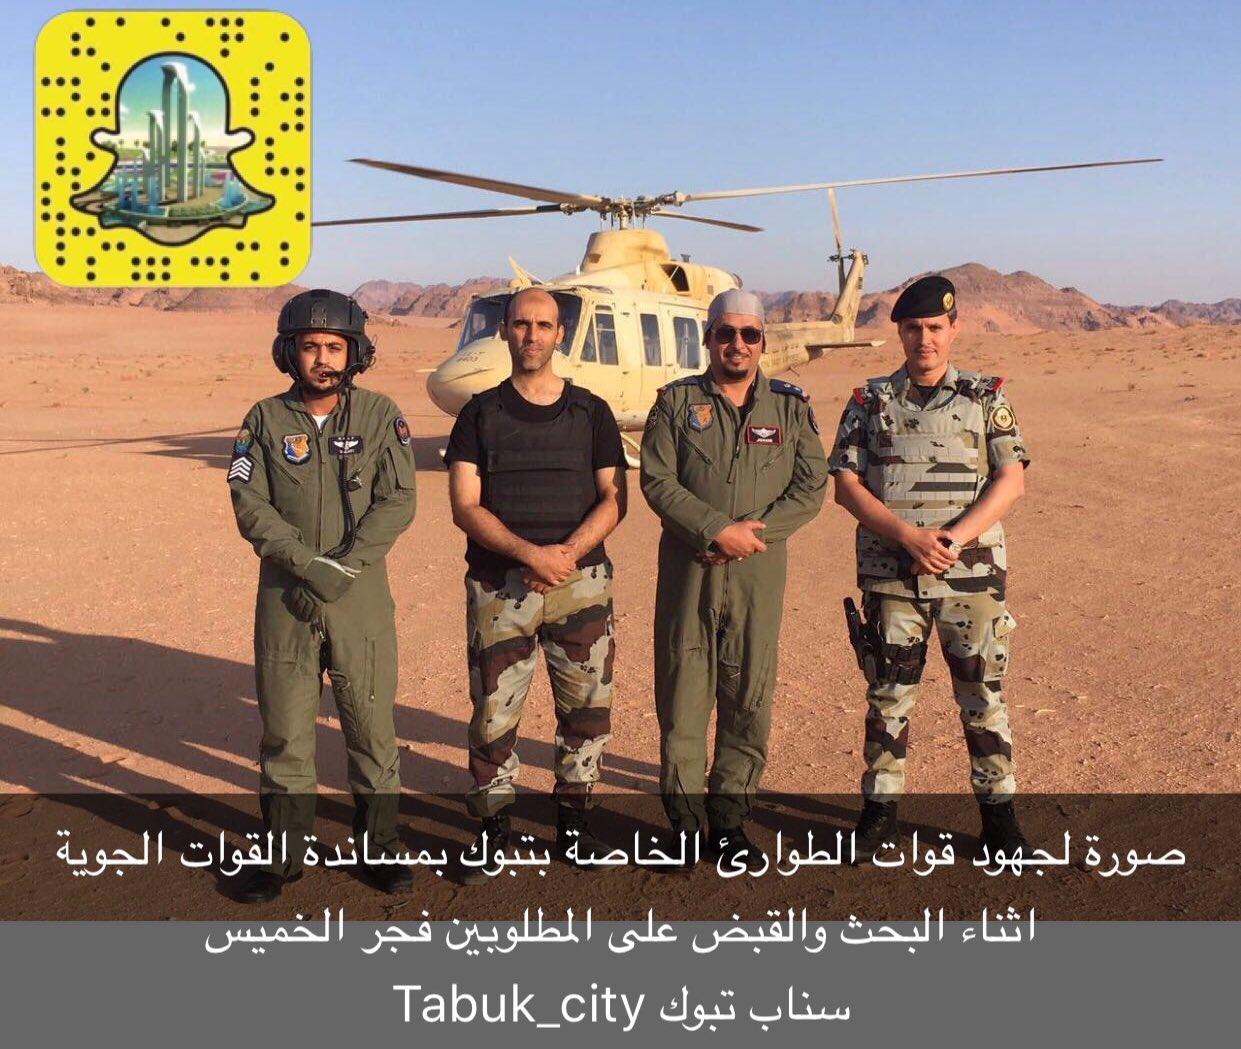 سناب تبوك Na Twitterze صورة لجهود قوات الطوارئ الخاصة بـ تبوك بمساندة القوات الجوية في البحث والقبض على المطلوبين فجر الخميس